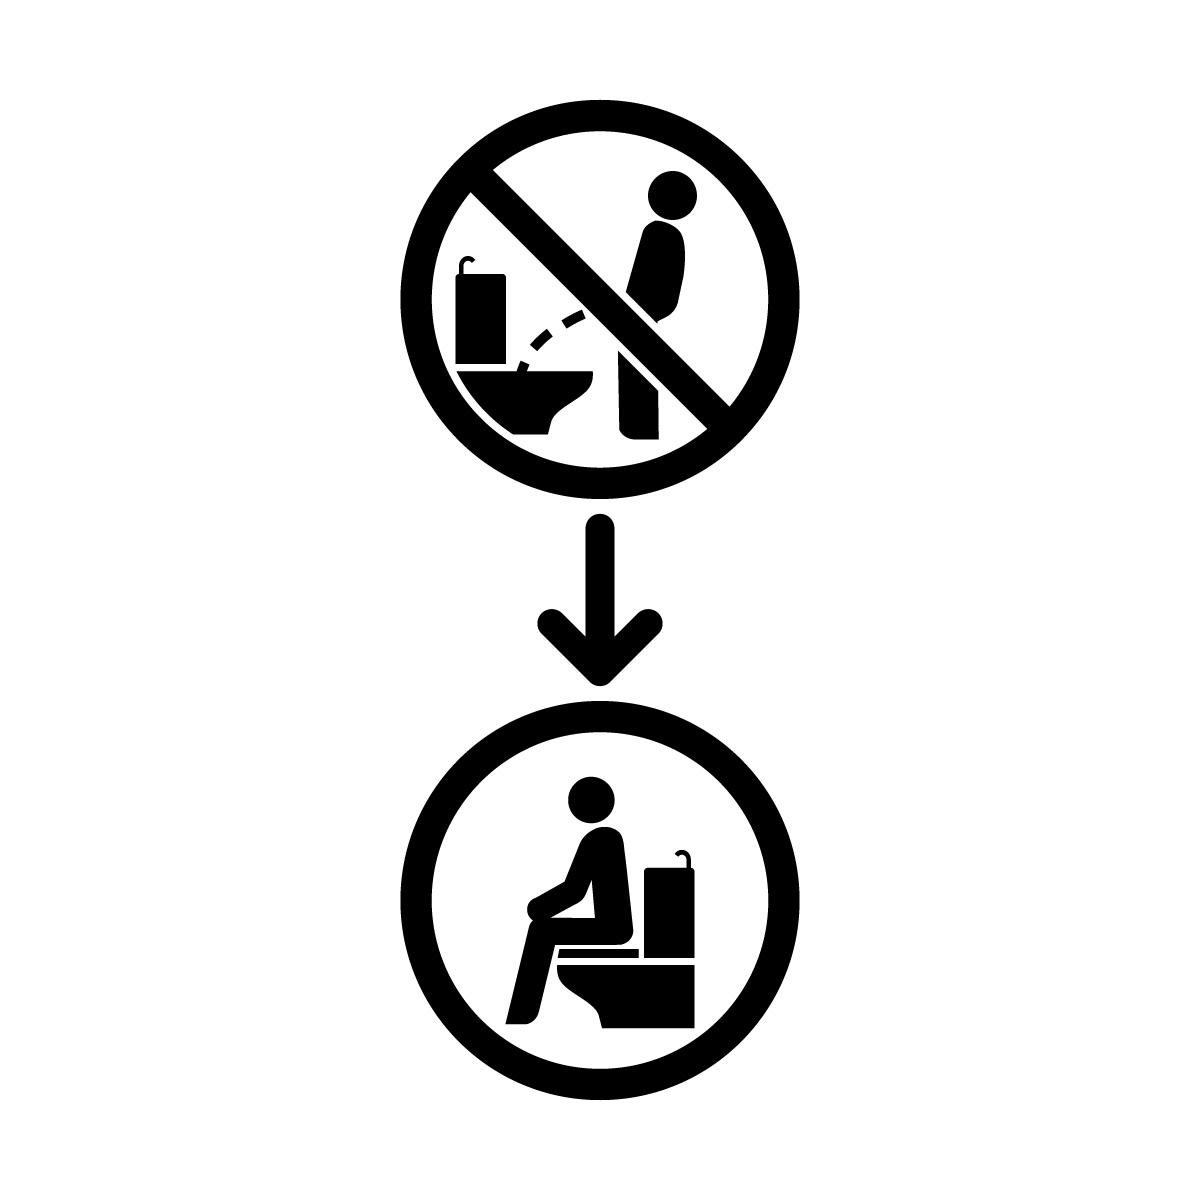 黒色の洋式トイレに座って使用をお願いするカッティングステッカー・シール